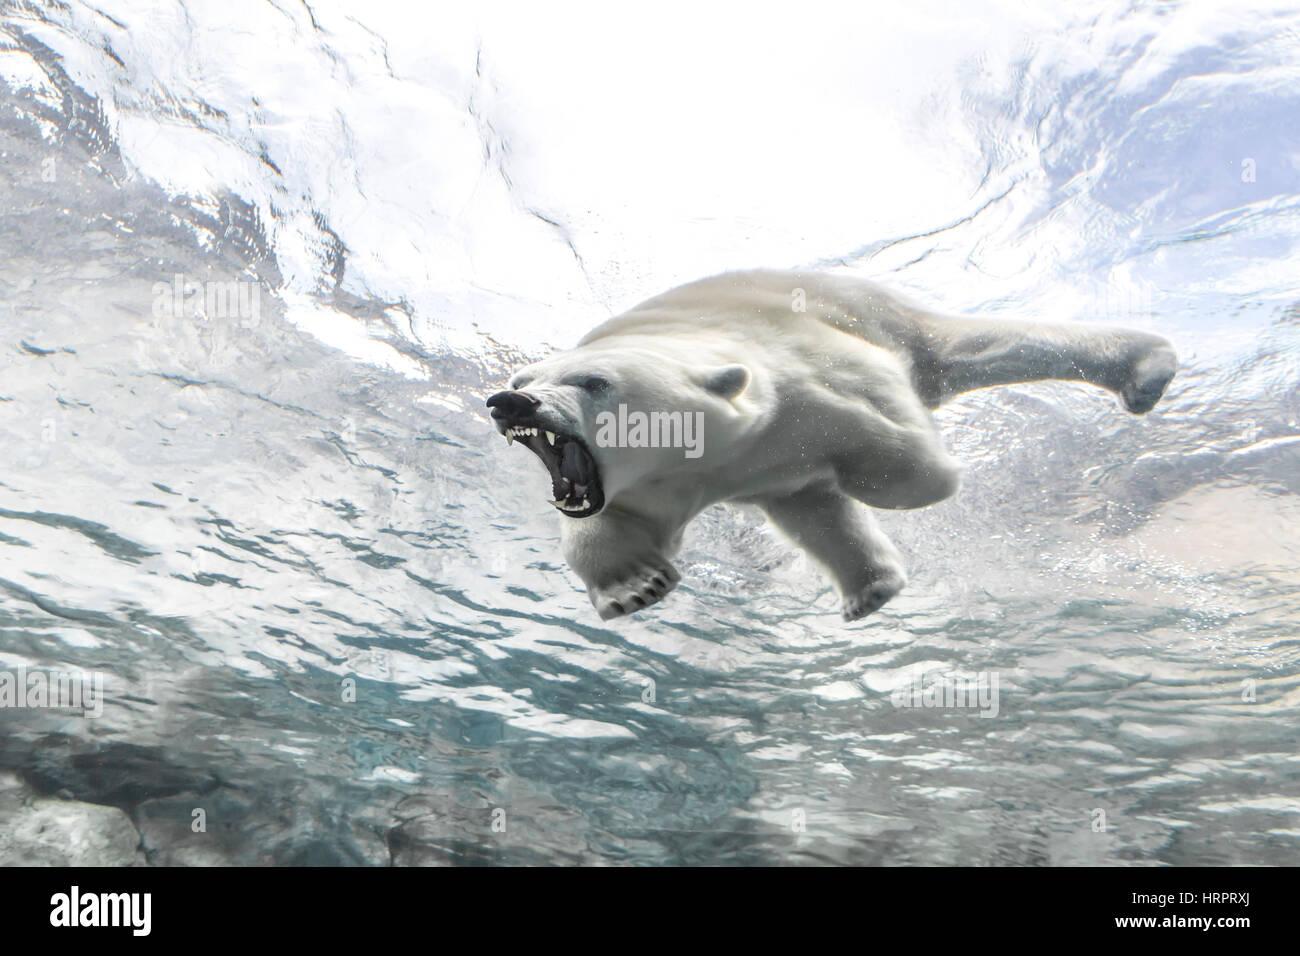 Oso Polar agresivo en el viaje a Churchill, Assiniboine Park Zoo, Winnipeg, Manitoba, Canadá. Imagen De Stock